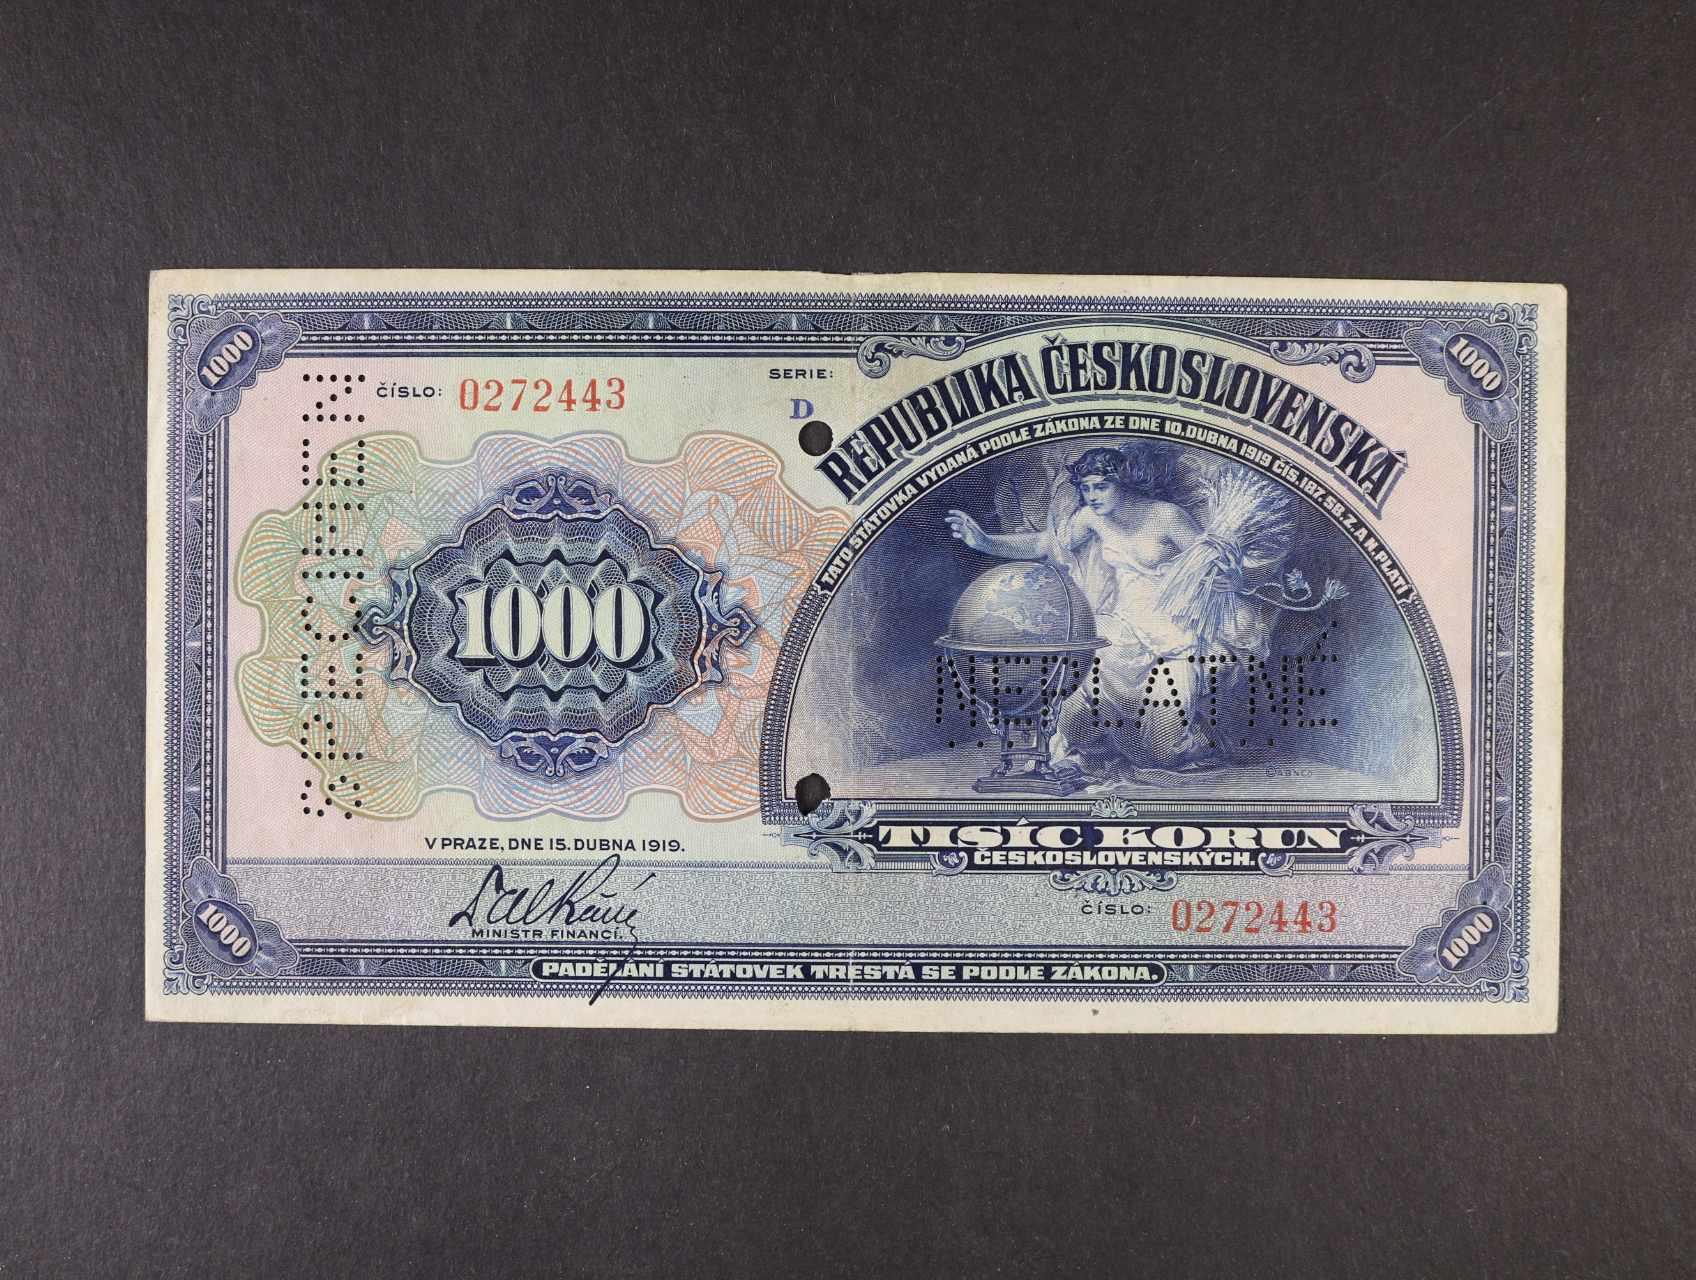 1000 Kč 15.4.1919 série D, bankovní vzor s perf. NEPLATNÉ a SPECIMEN + 2x perf. otvor, Ba. 14, Pi. 13s